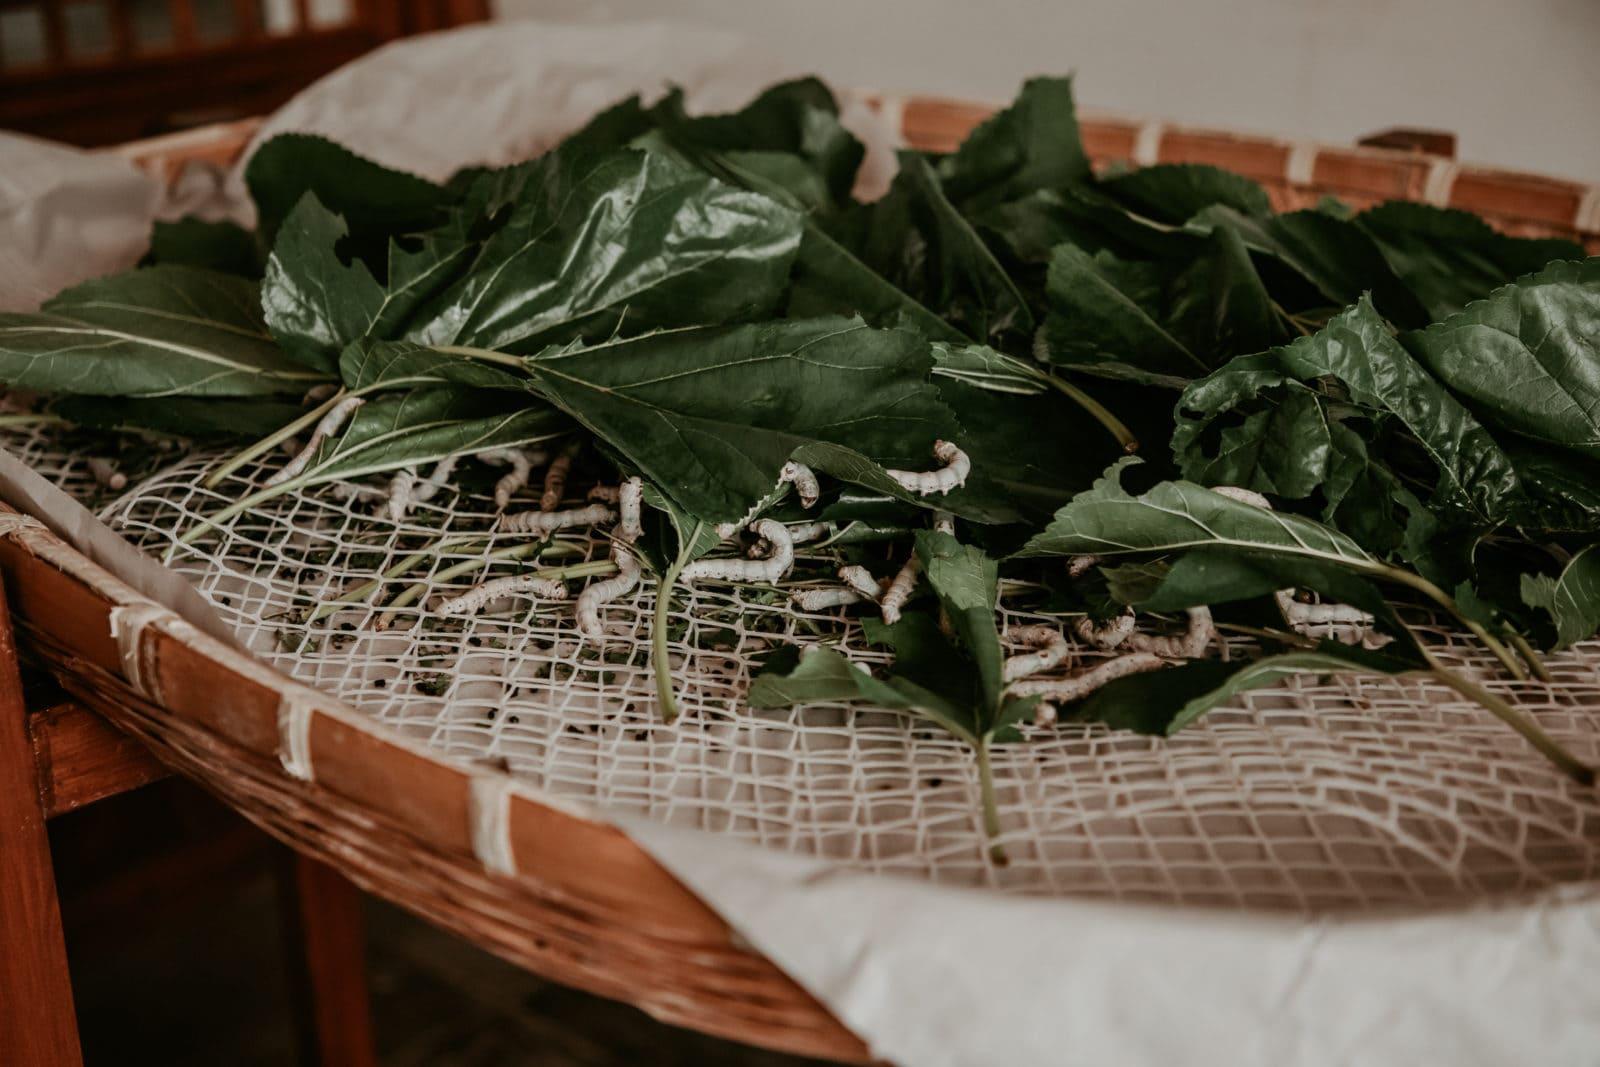 Suzhou Sehenswürdigkeiten Seidenfabrik Seidenraupen auf Blättern